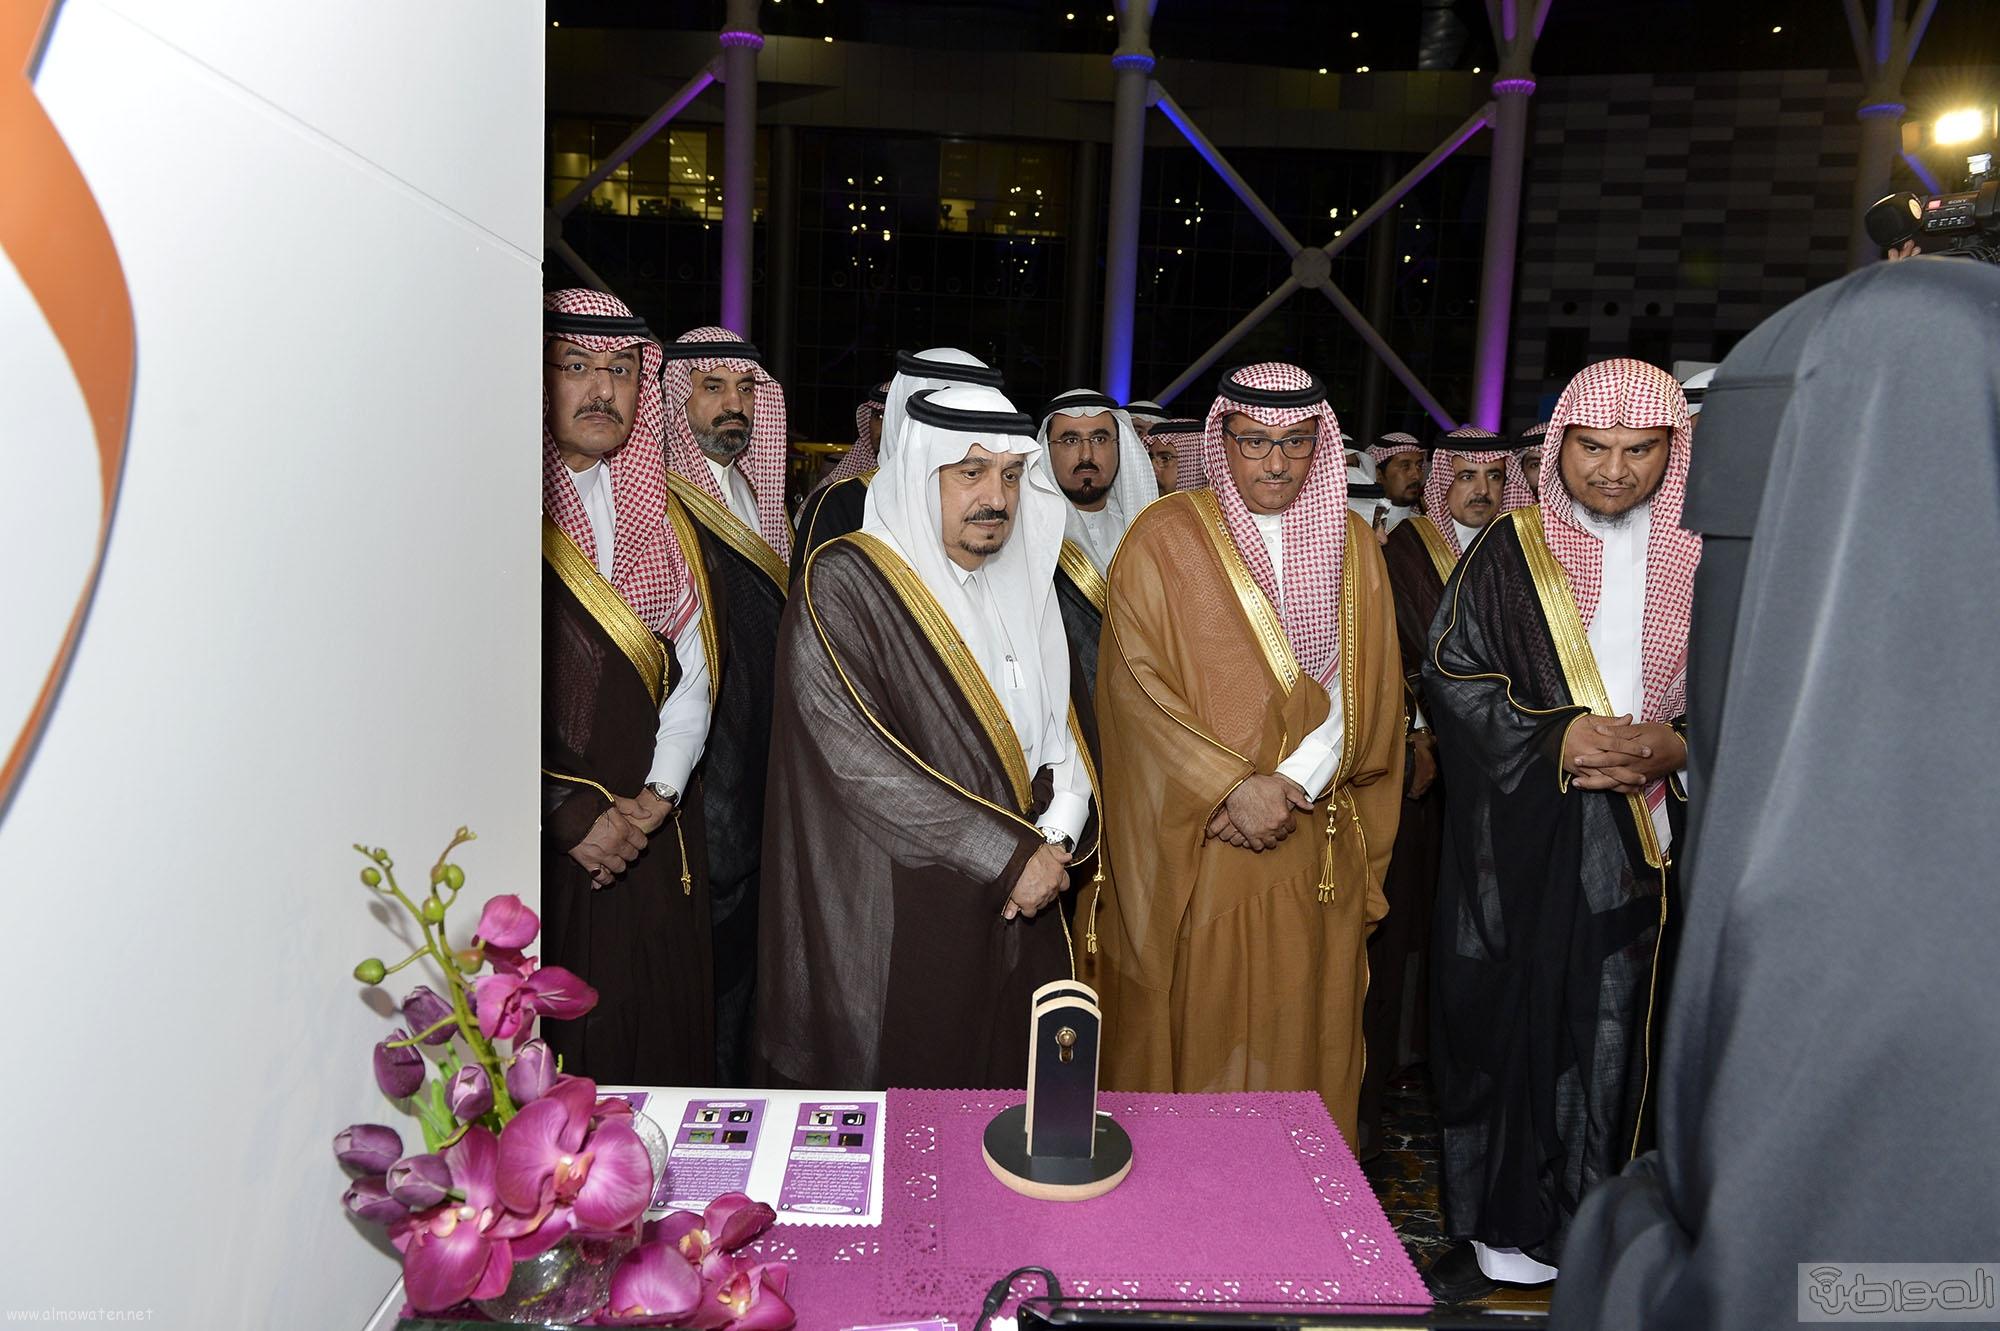 امير الرياض خلال رعاية طموح ملك لمستقبل وطن (19)